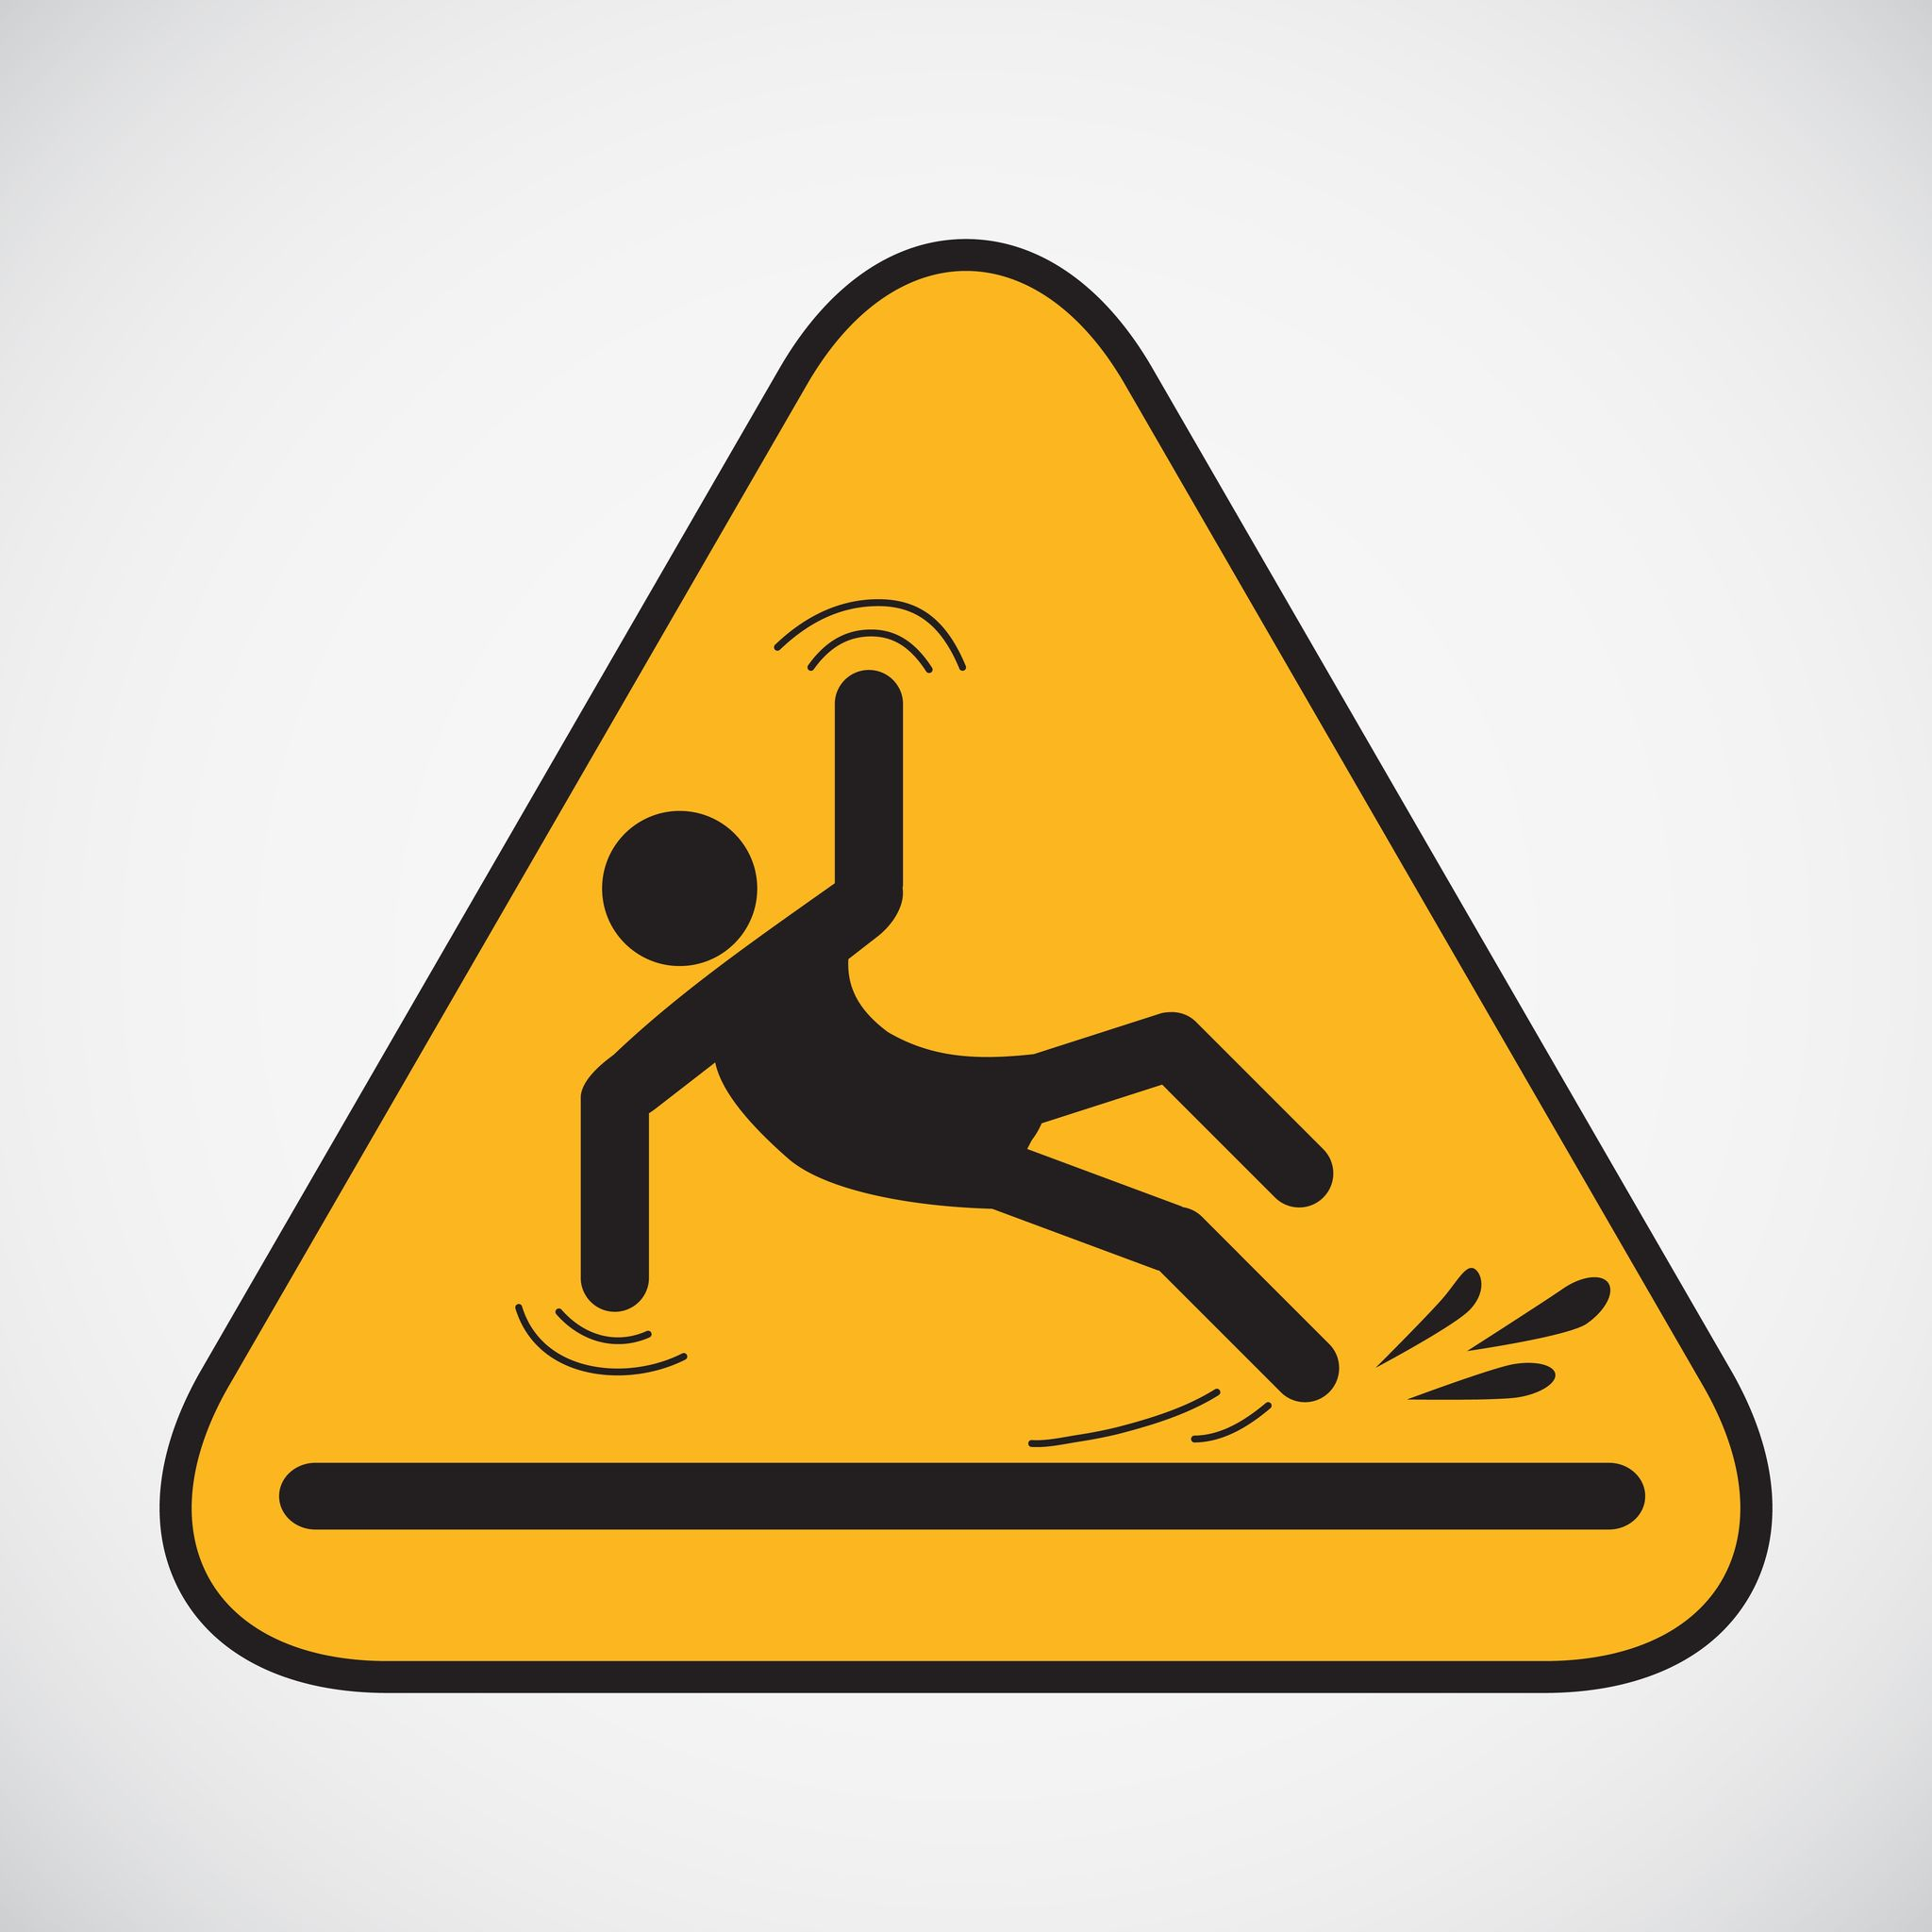 Wet-floor-sign.jpg